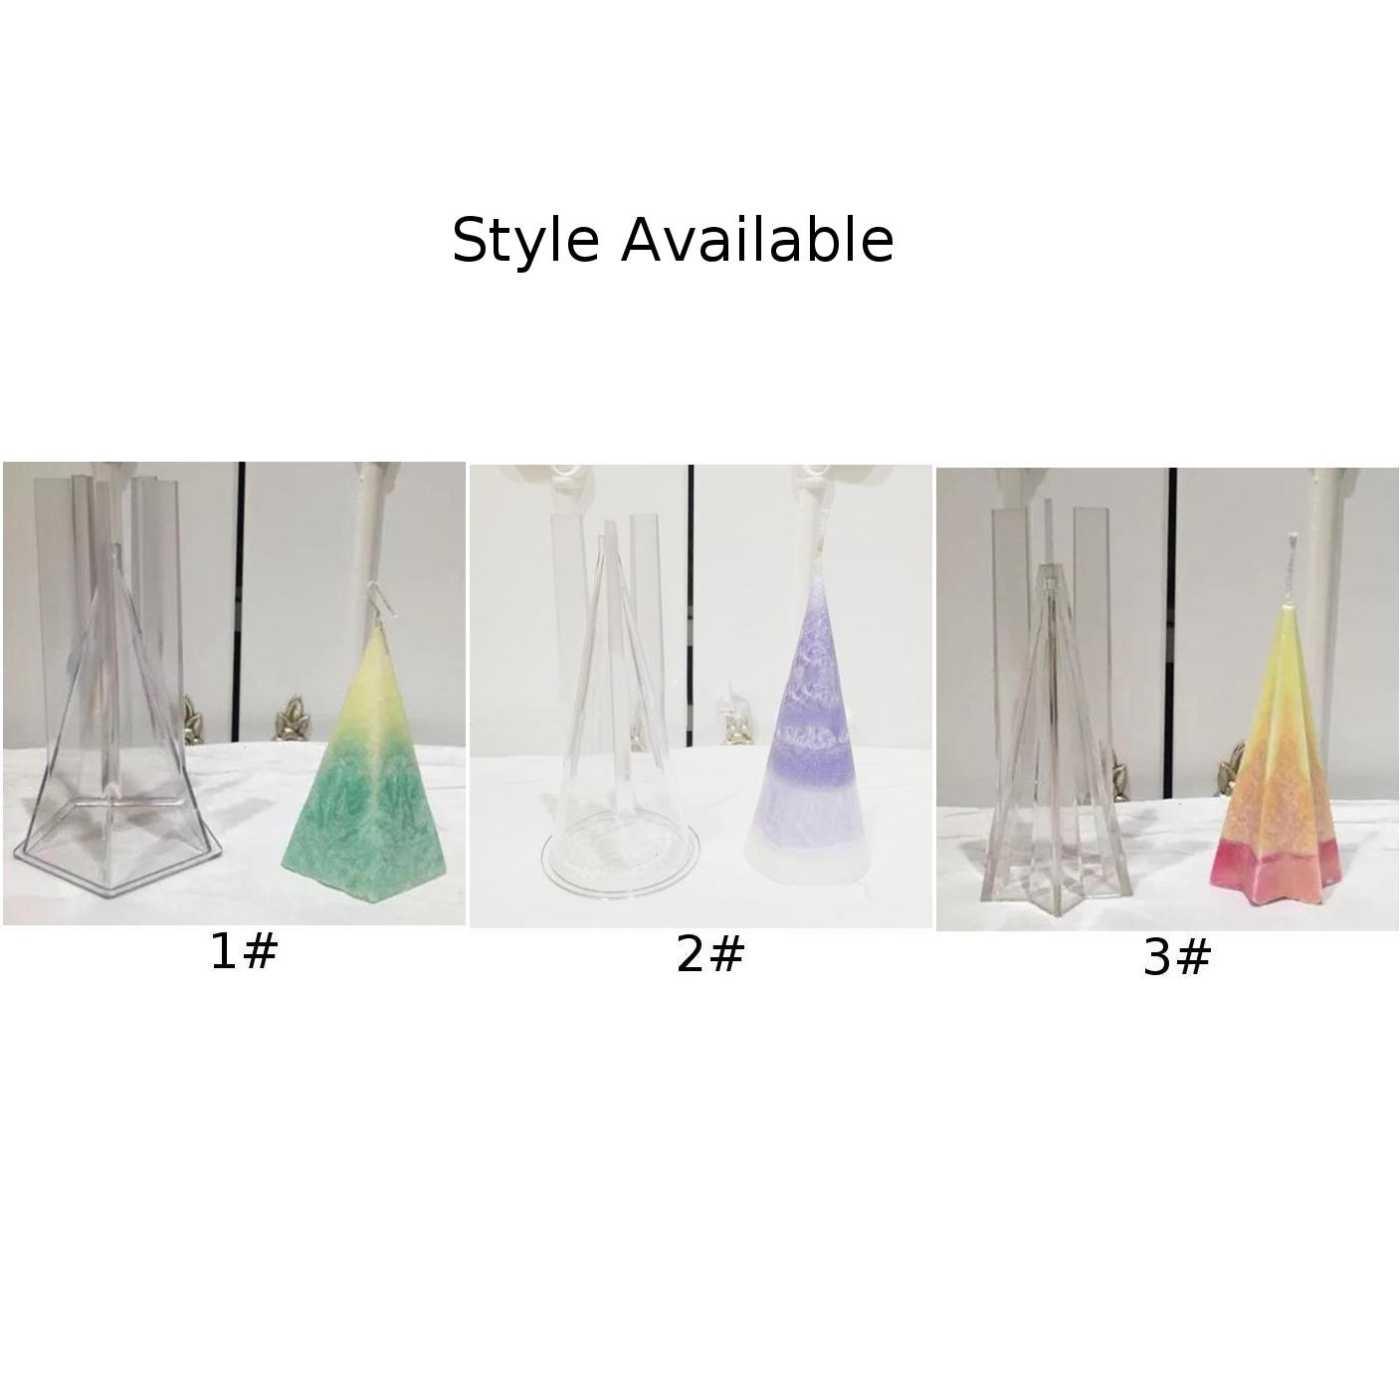 DIY El Yapımı Mum Kalıp Koni Şeffaf Plastik Mum Yapımı Model Kullanımlık kurutulmuş çiçek tealight kokulu mumlar şekillendirme kalıp